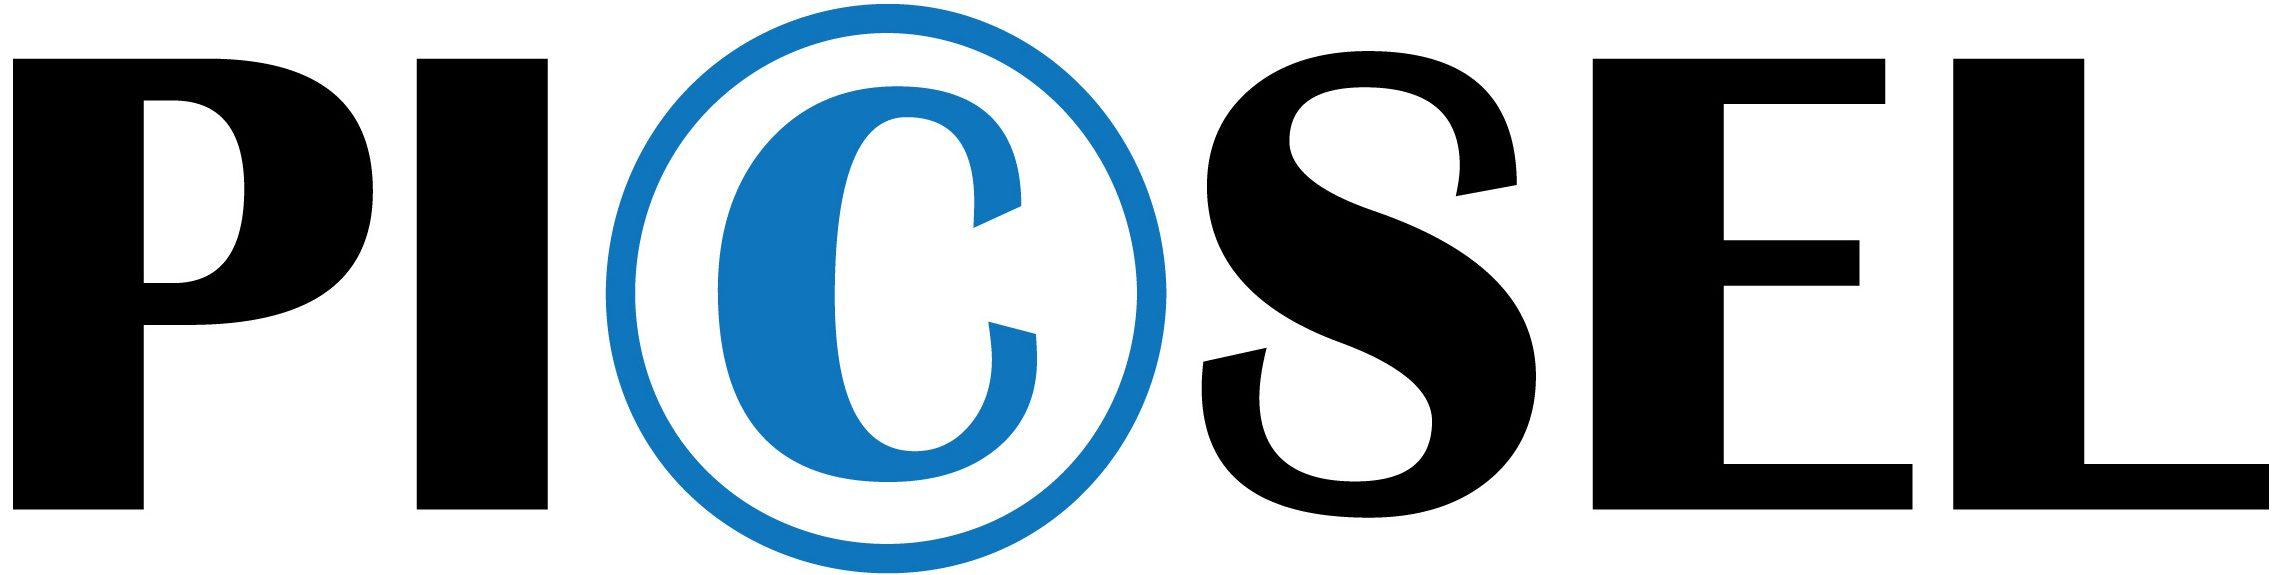 PICSEL Limited logo